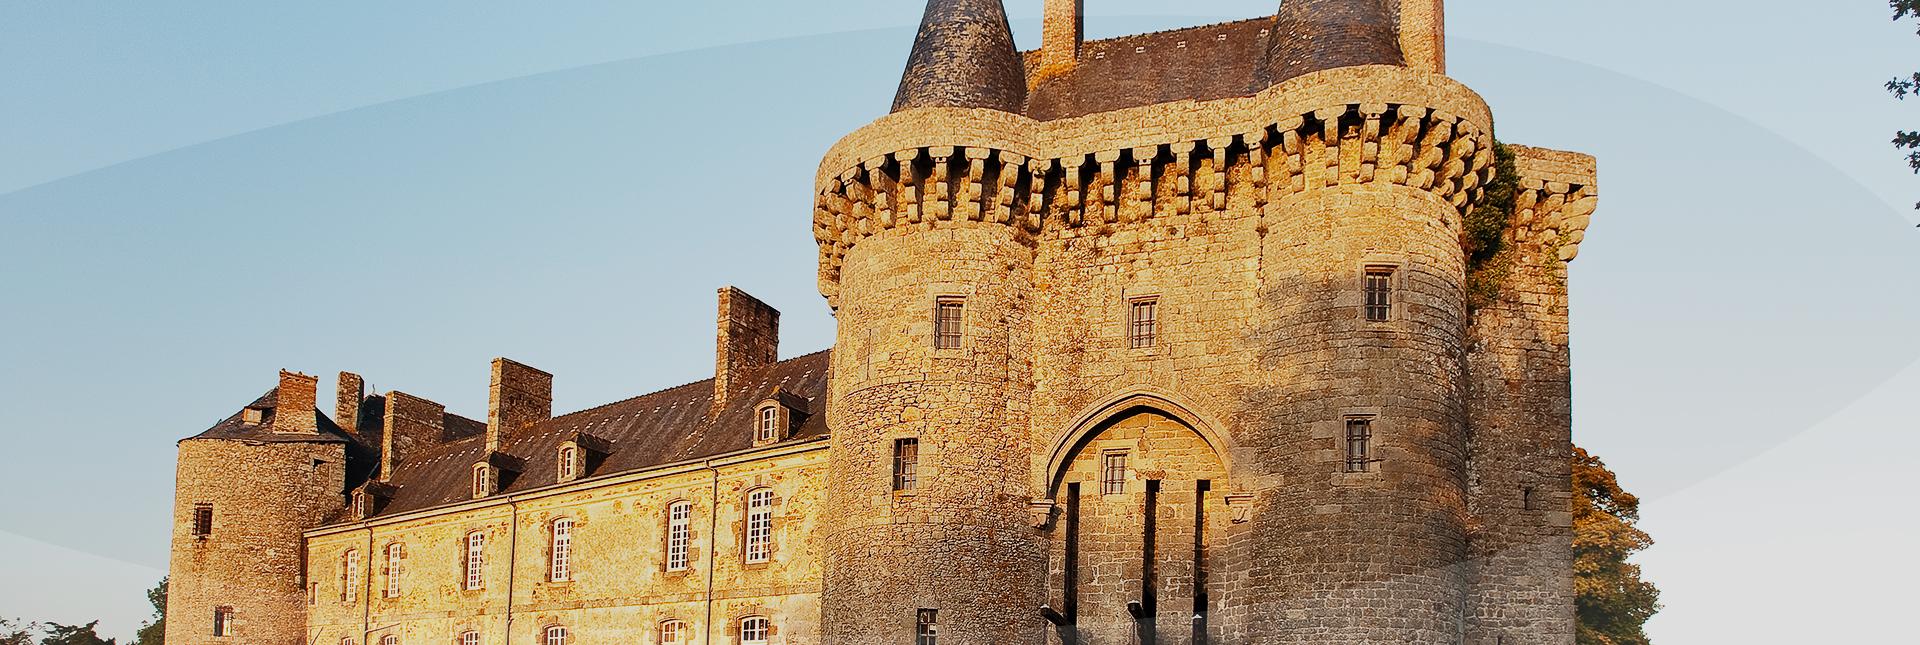 Montmuran chateau en Bretagne romantique